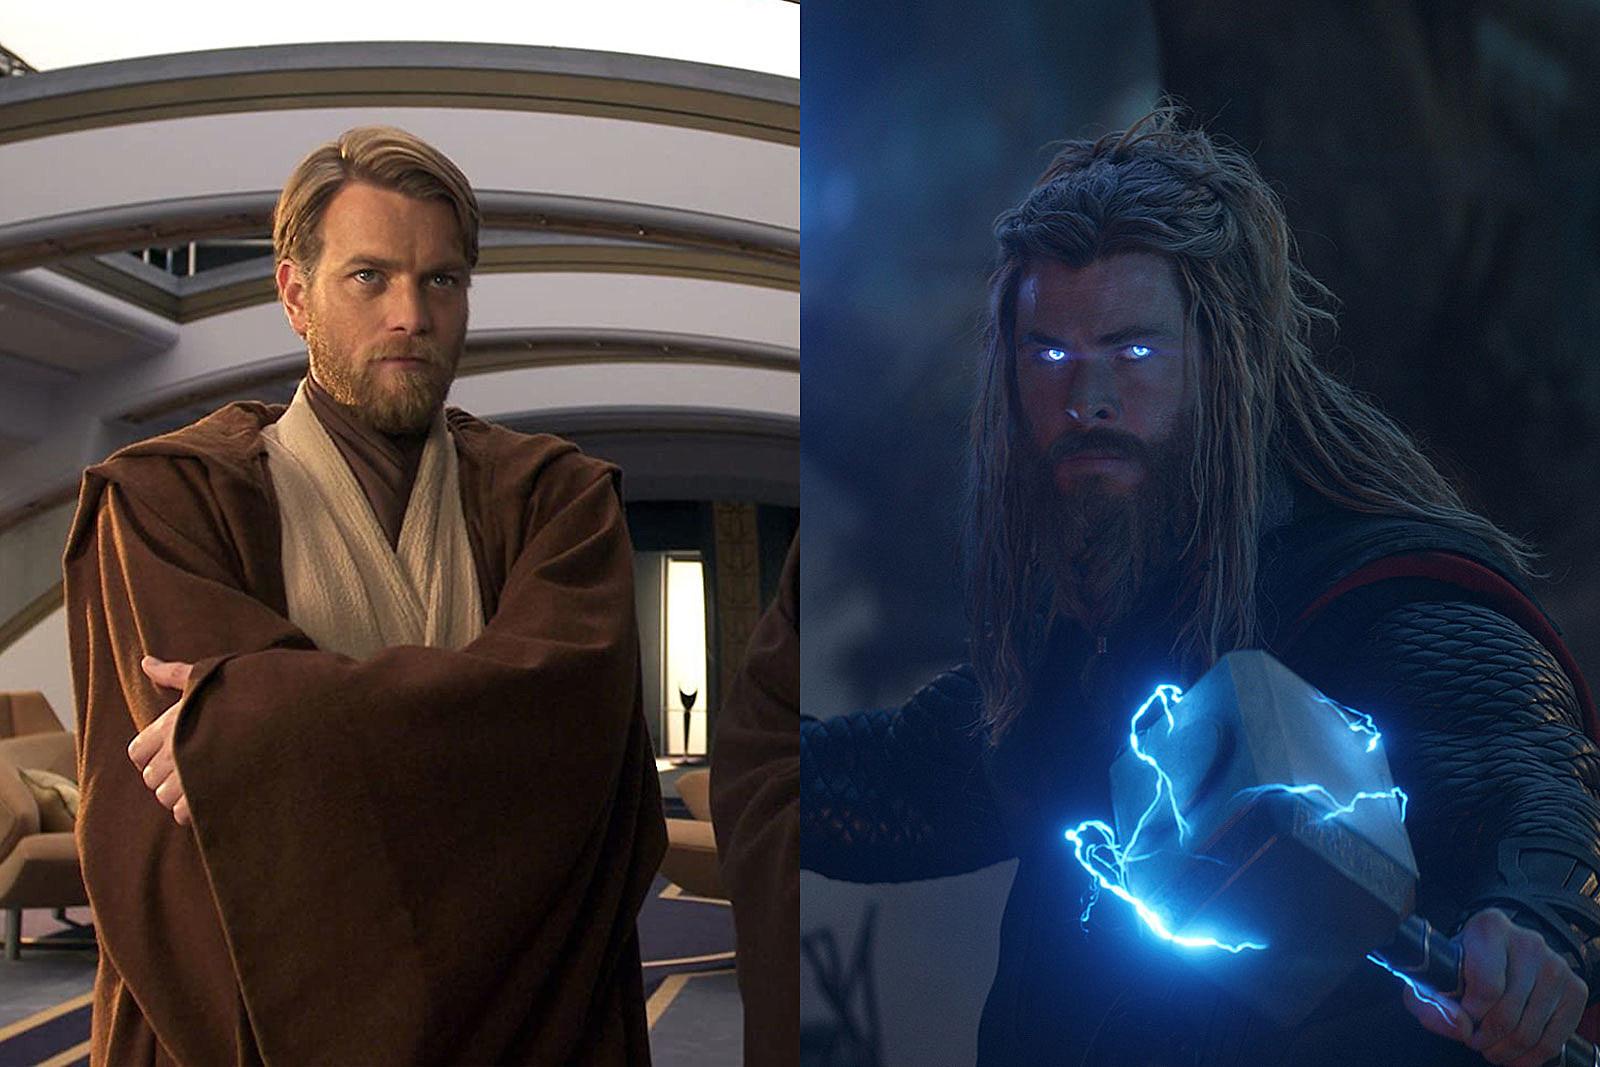 Revenge Of The Sith Destroys Endgame In Best Blockbuster Poll